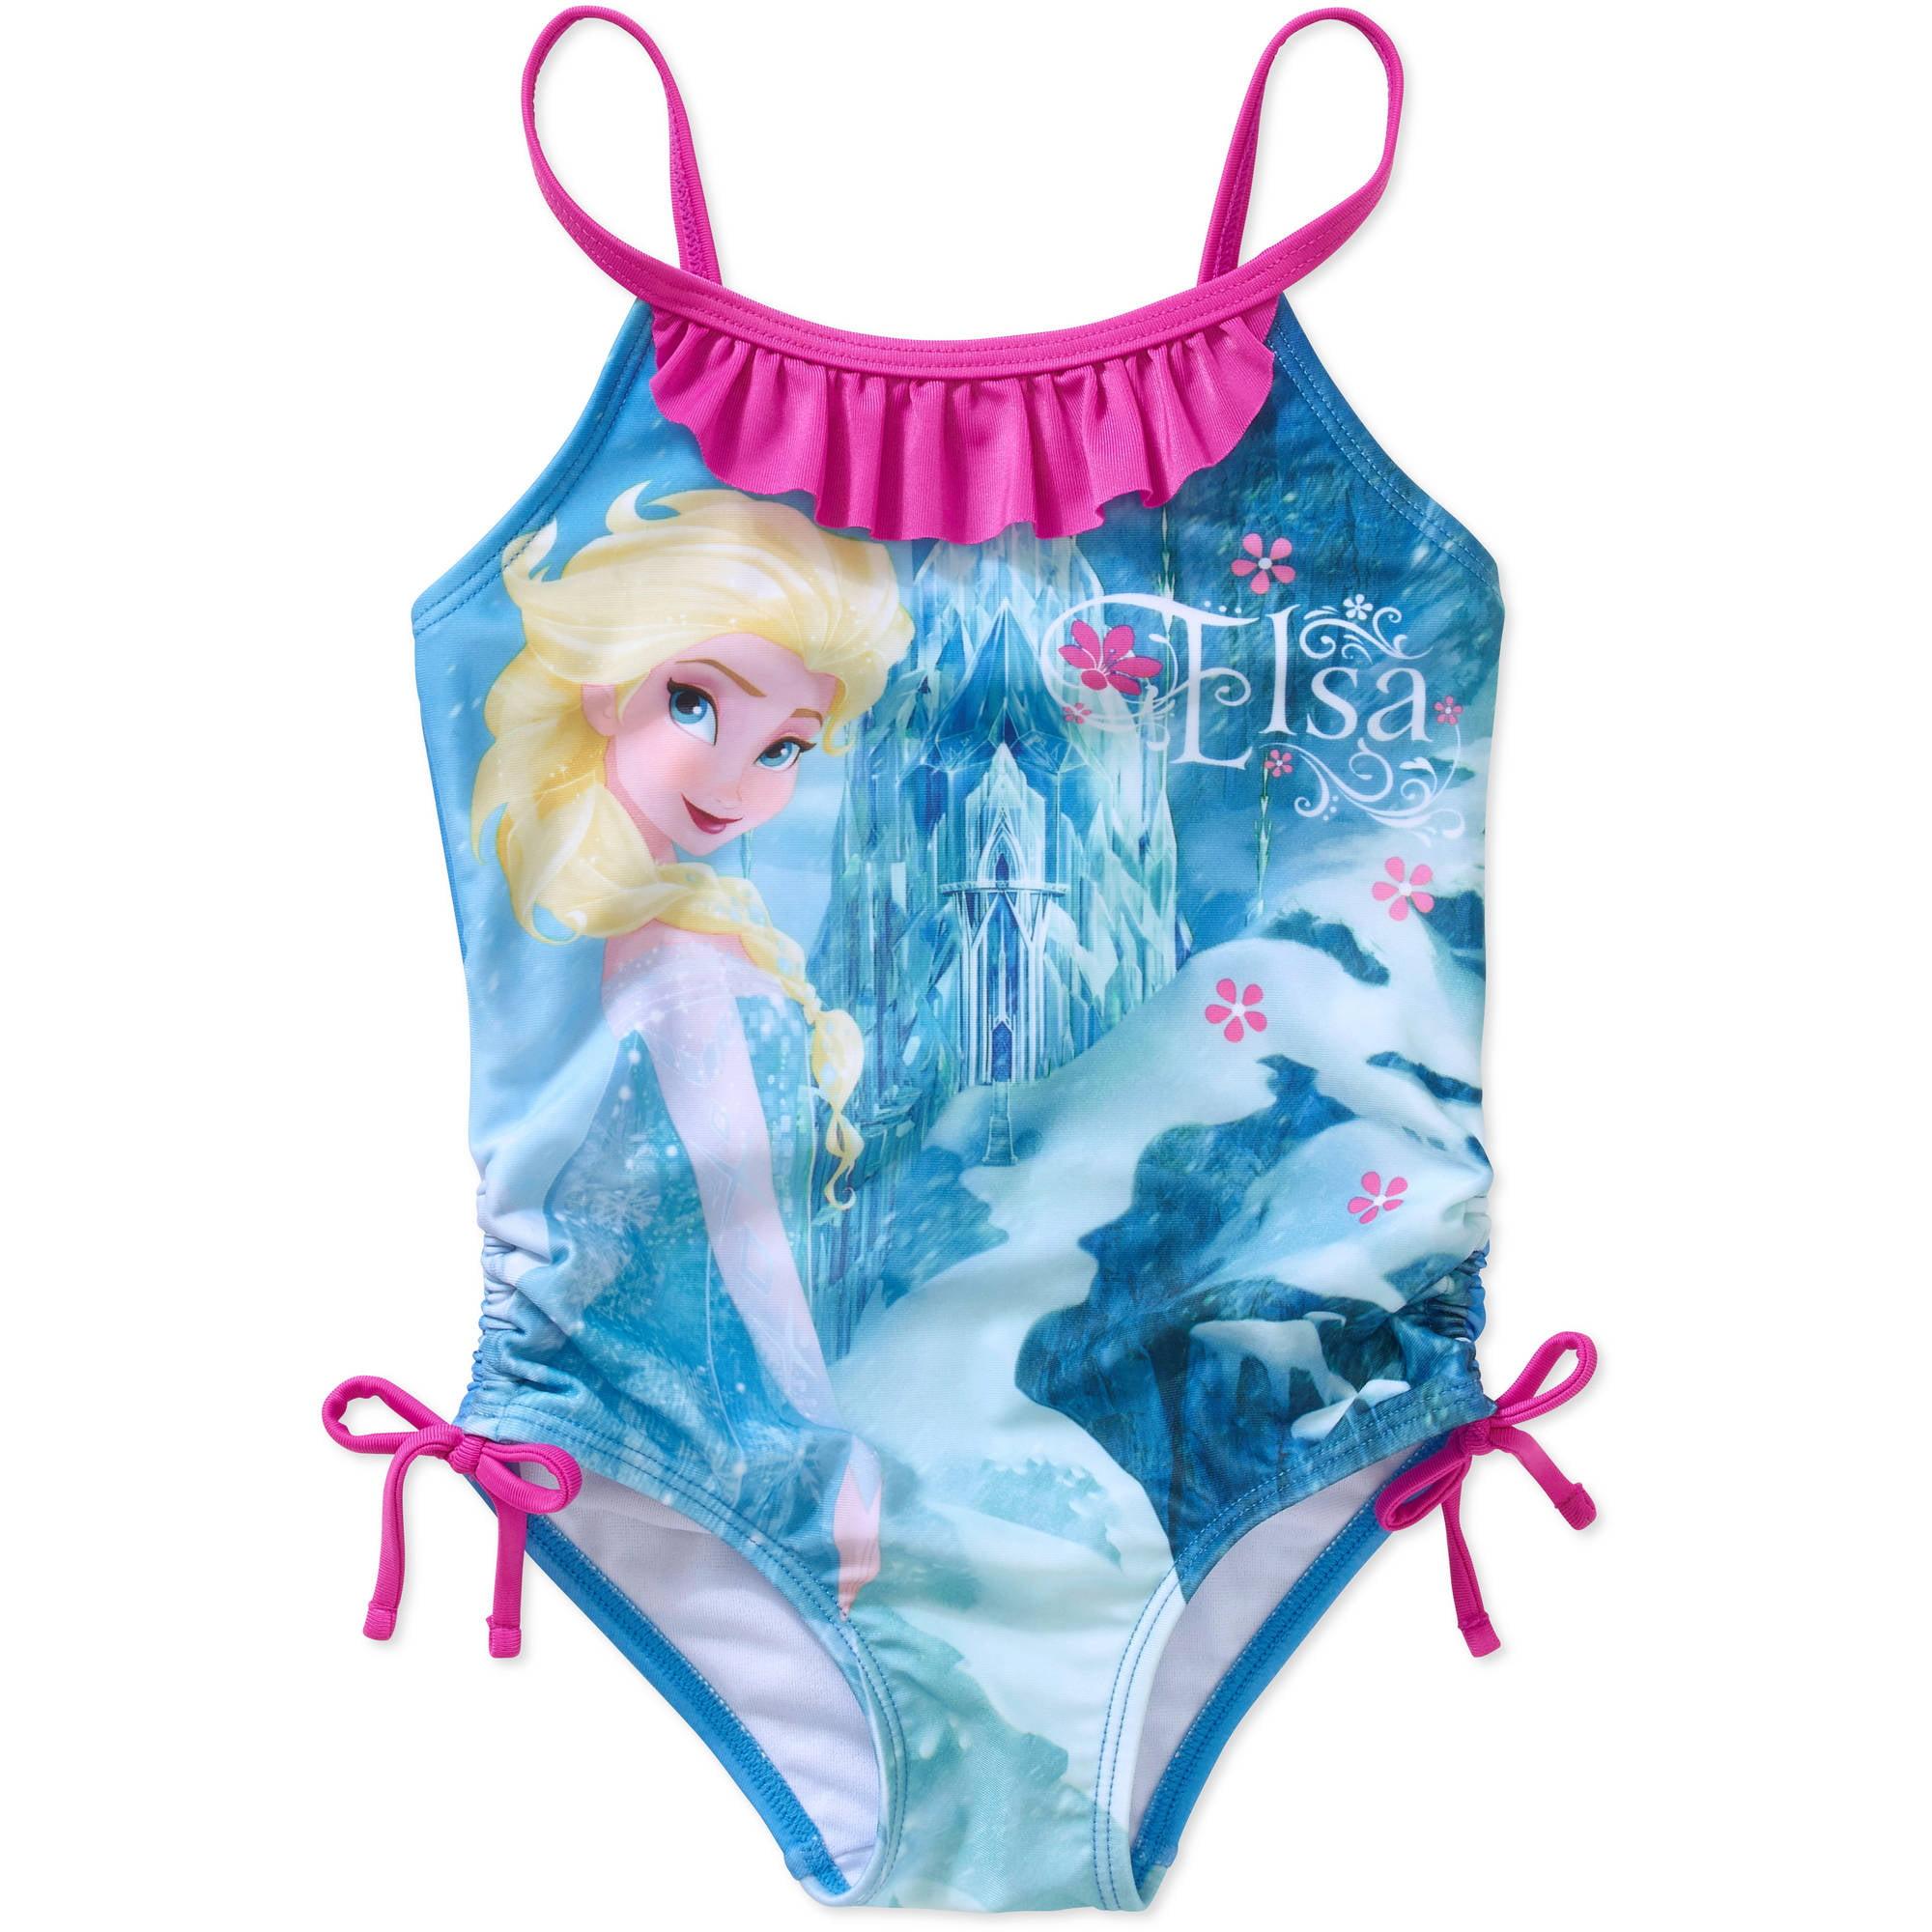 8bf93dae3c Frozen - Frozen Ap Swimwear - Walmart.com